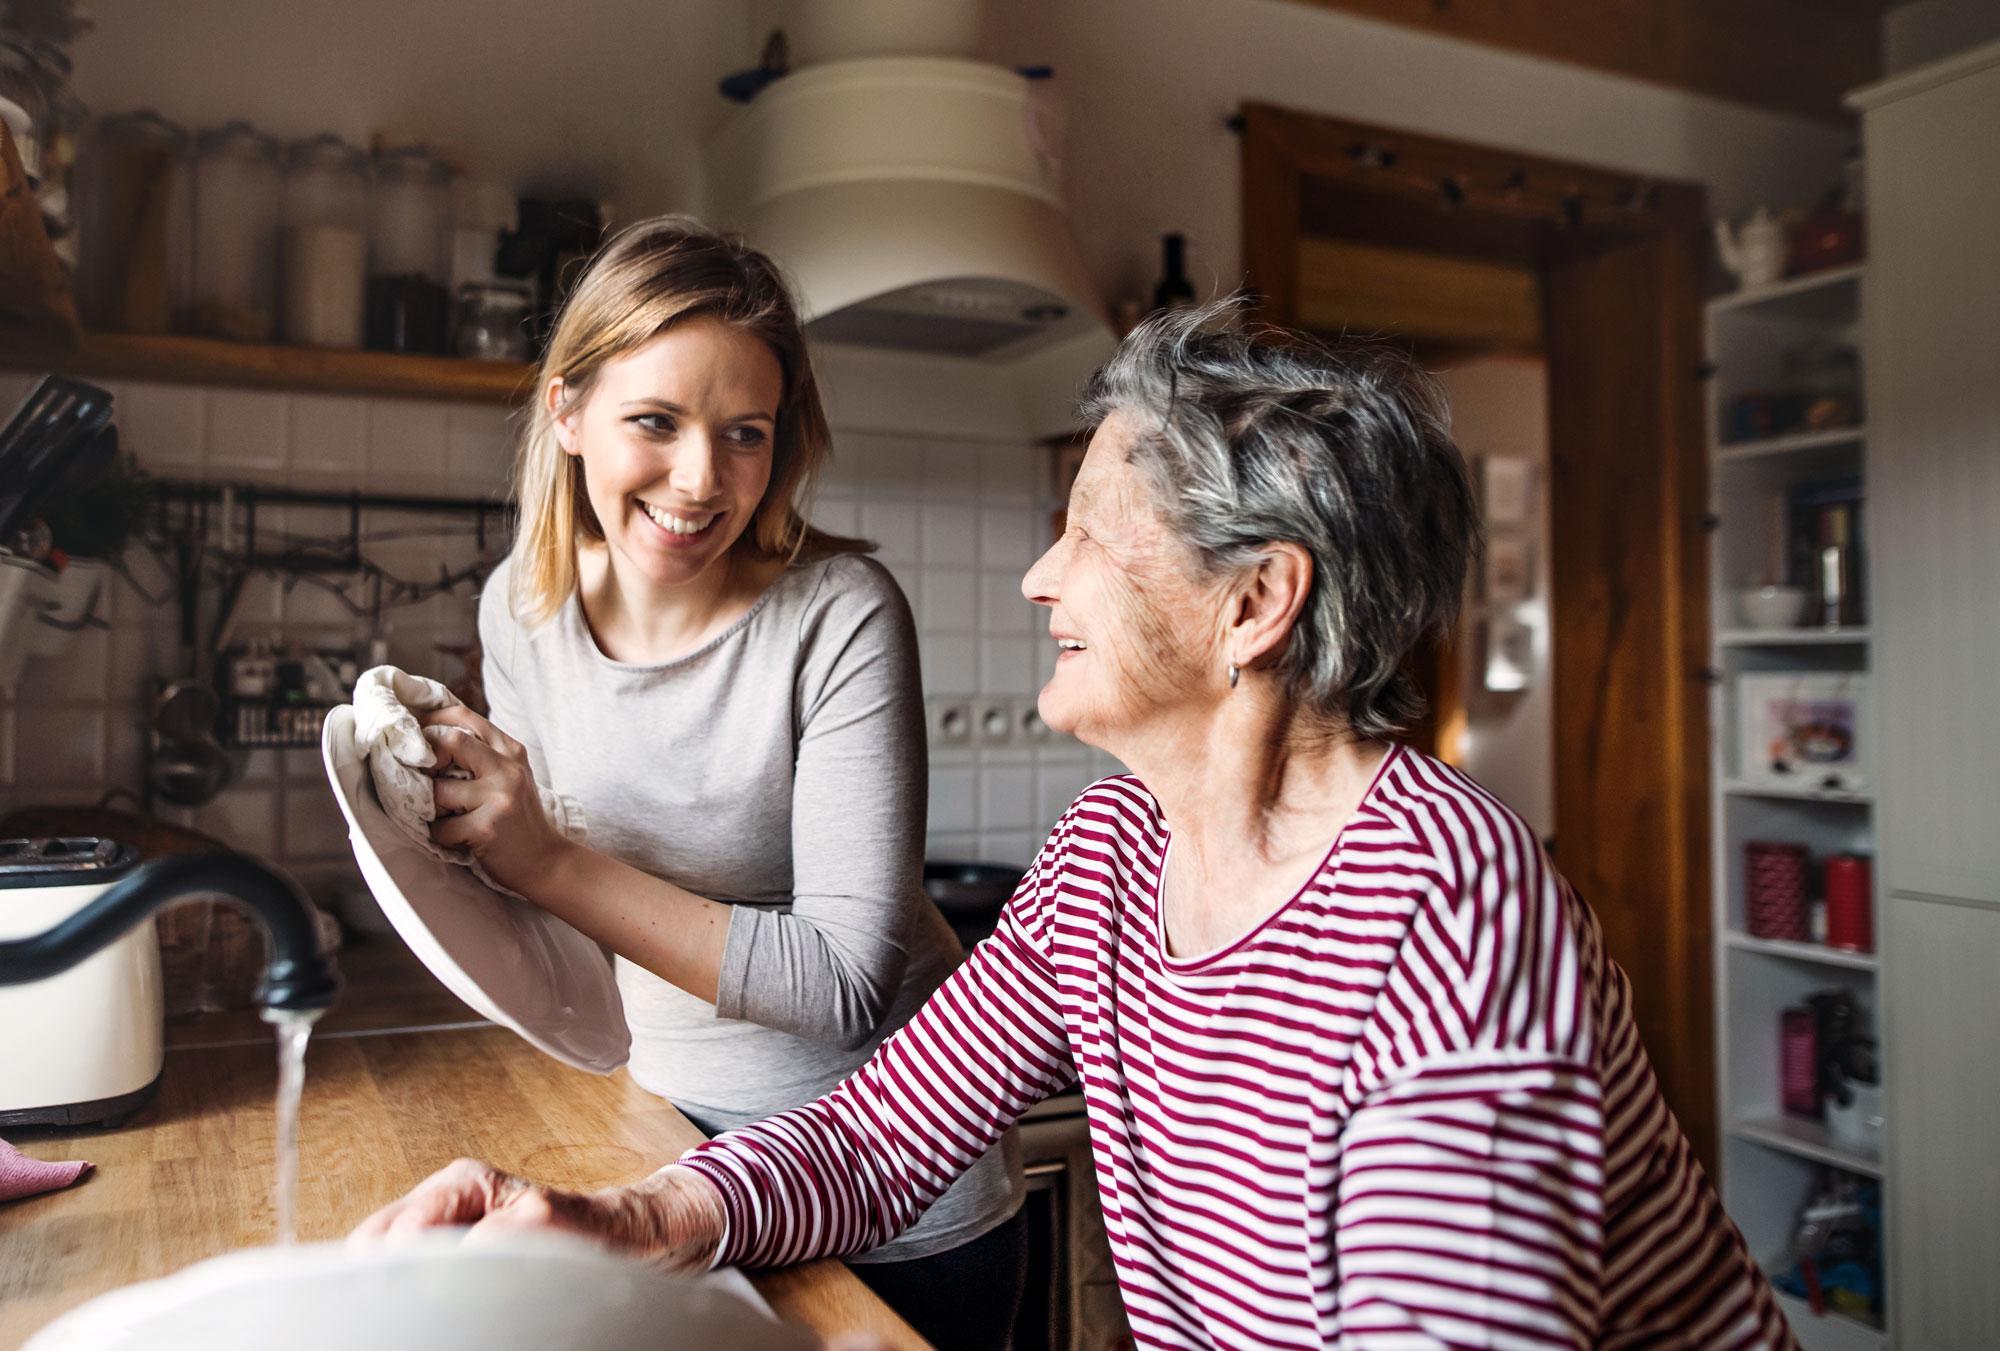 Barnebarn hjelper bestemor med oppvask. Foto